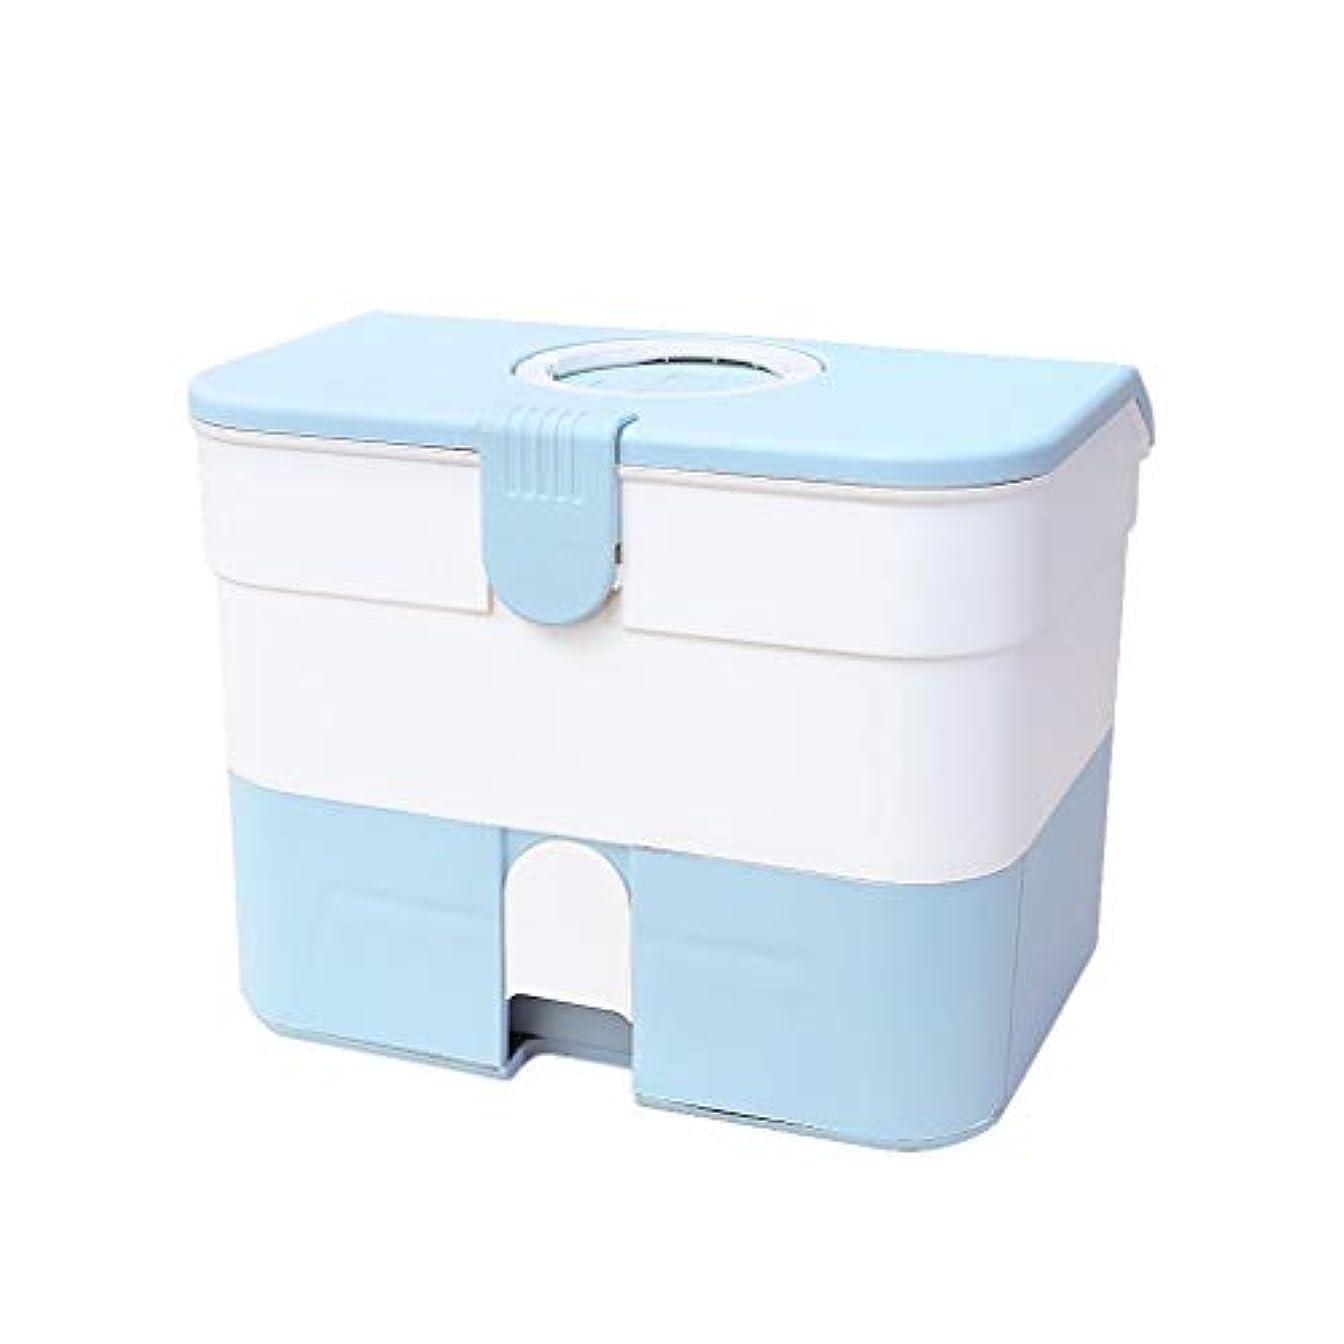 ファシズムチューインガムサラダ家庭用薬箱薬大容量収納箱家族医療ポータブル多層医療箱 HUXIUPING (Color : Blue)